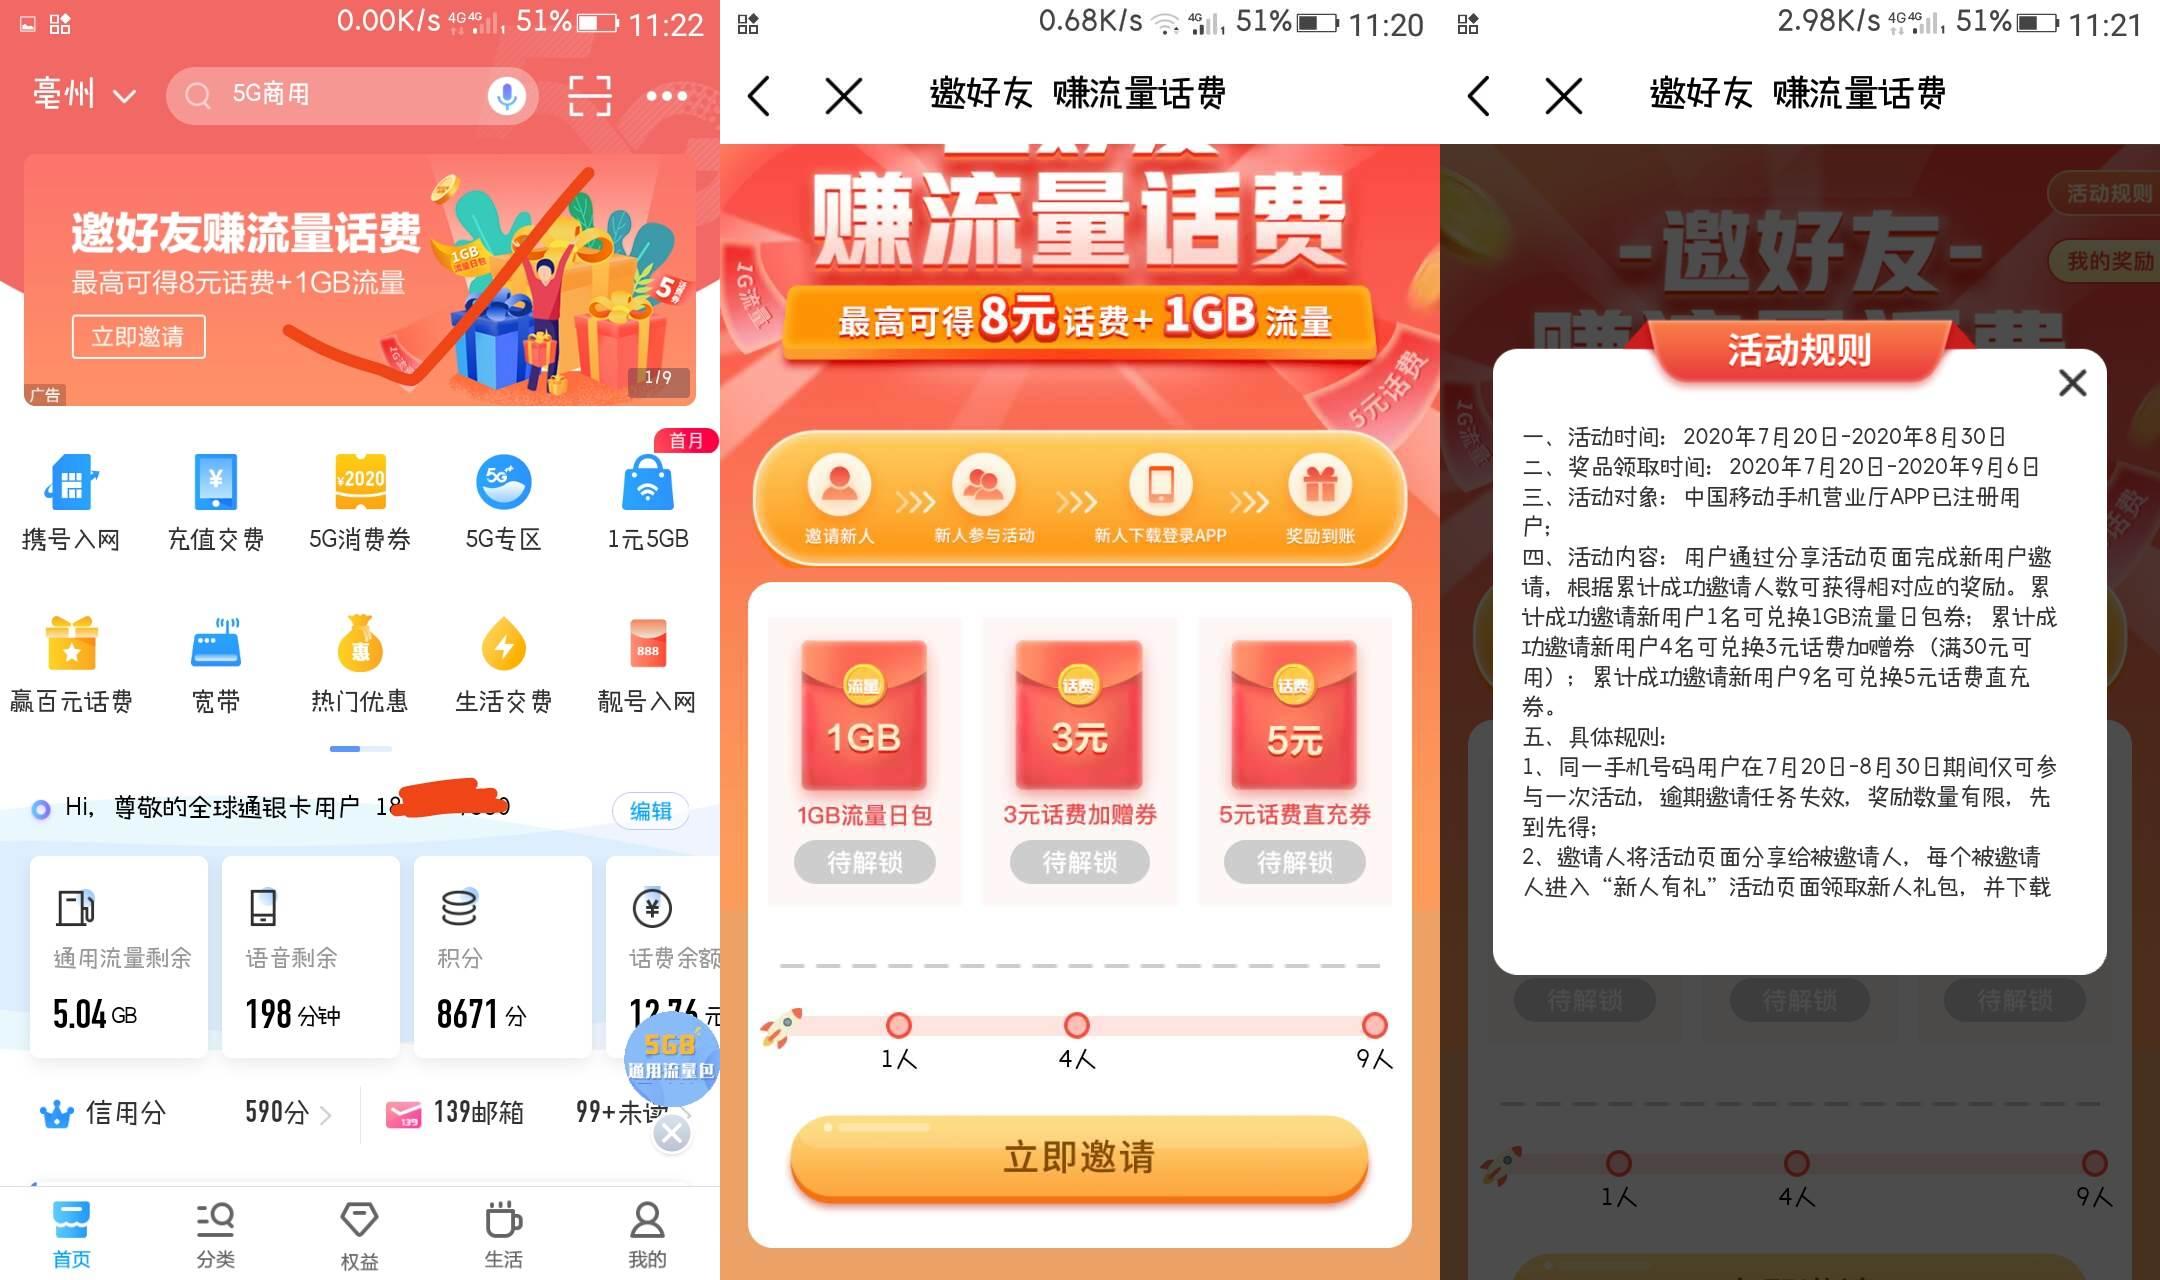 中国移动邀新用户可得8元话费和1G日包流量